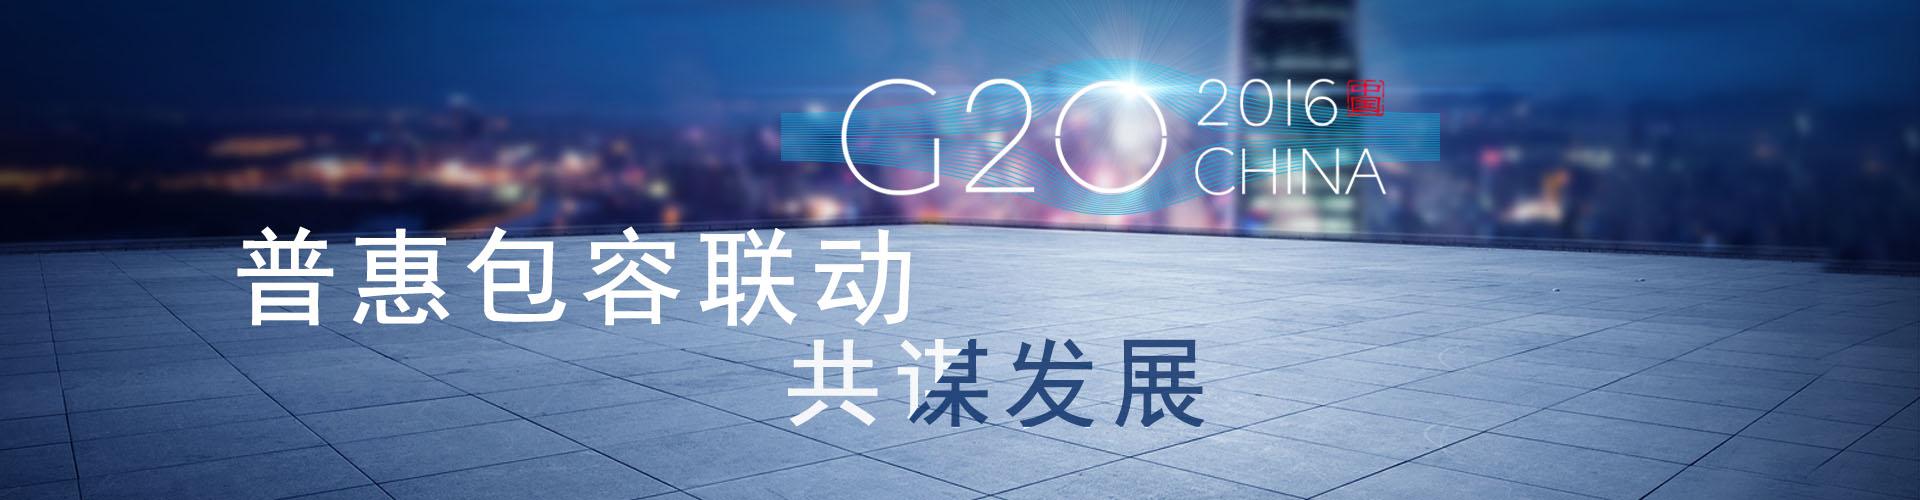 聚焦G20:普惠包容联动 共谋发展